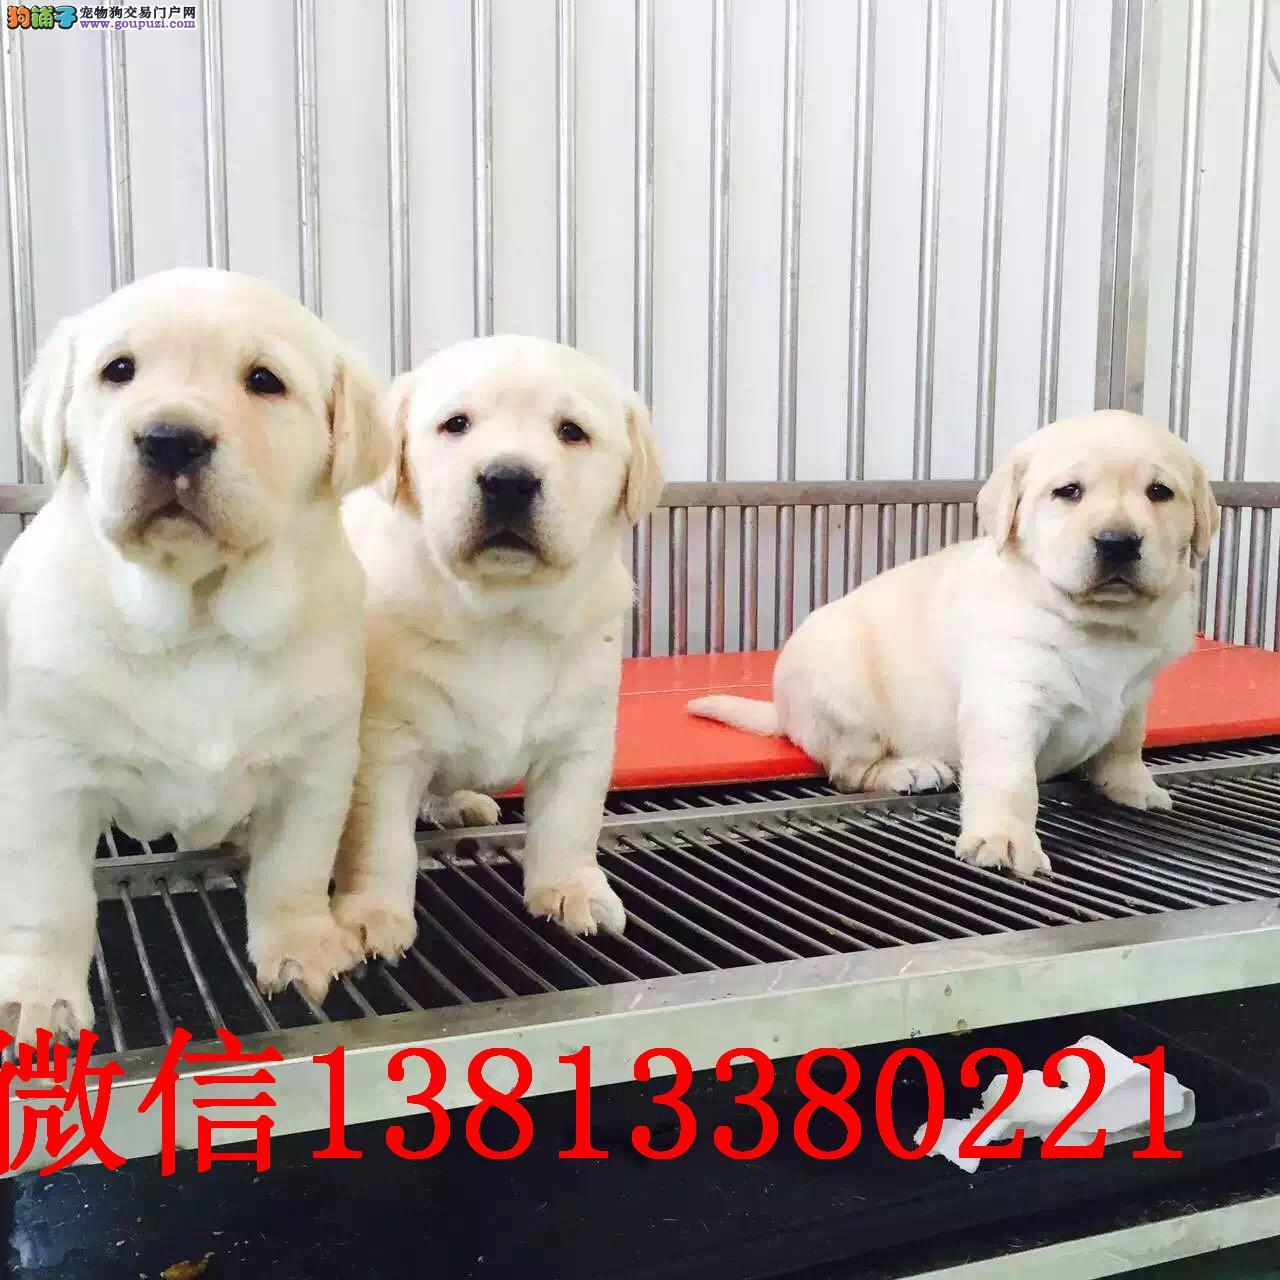 纯种拉布拉多幼犬出售 郑州哪里有卖拉布拉多犬